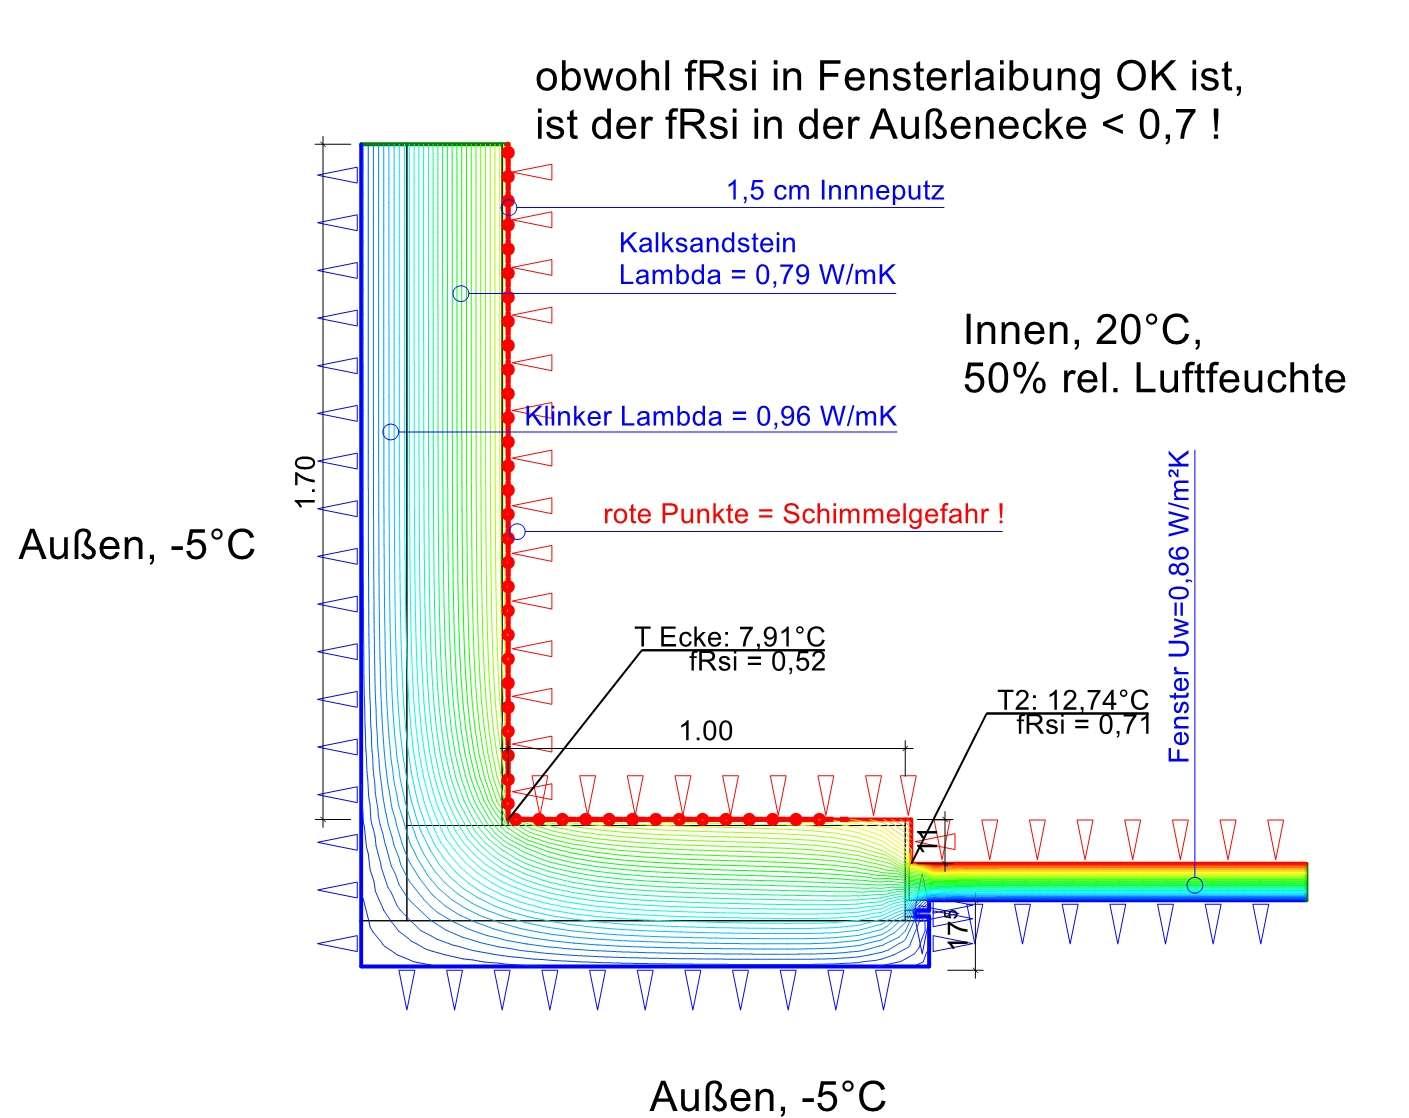 Gut bekannt Fenstersanierung - Laibungsdämmung :: Förderungen - gesamtes Forum :: RG05